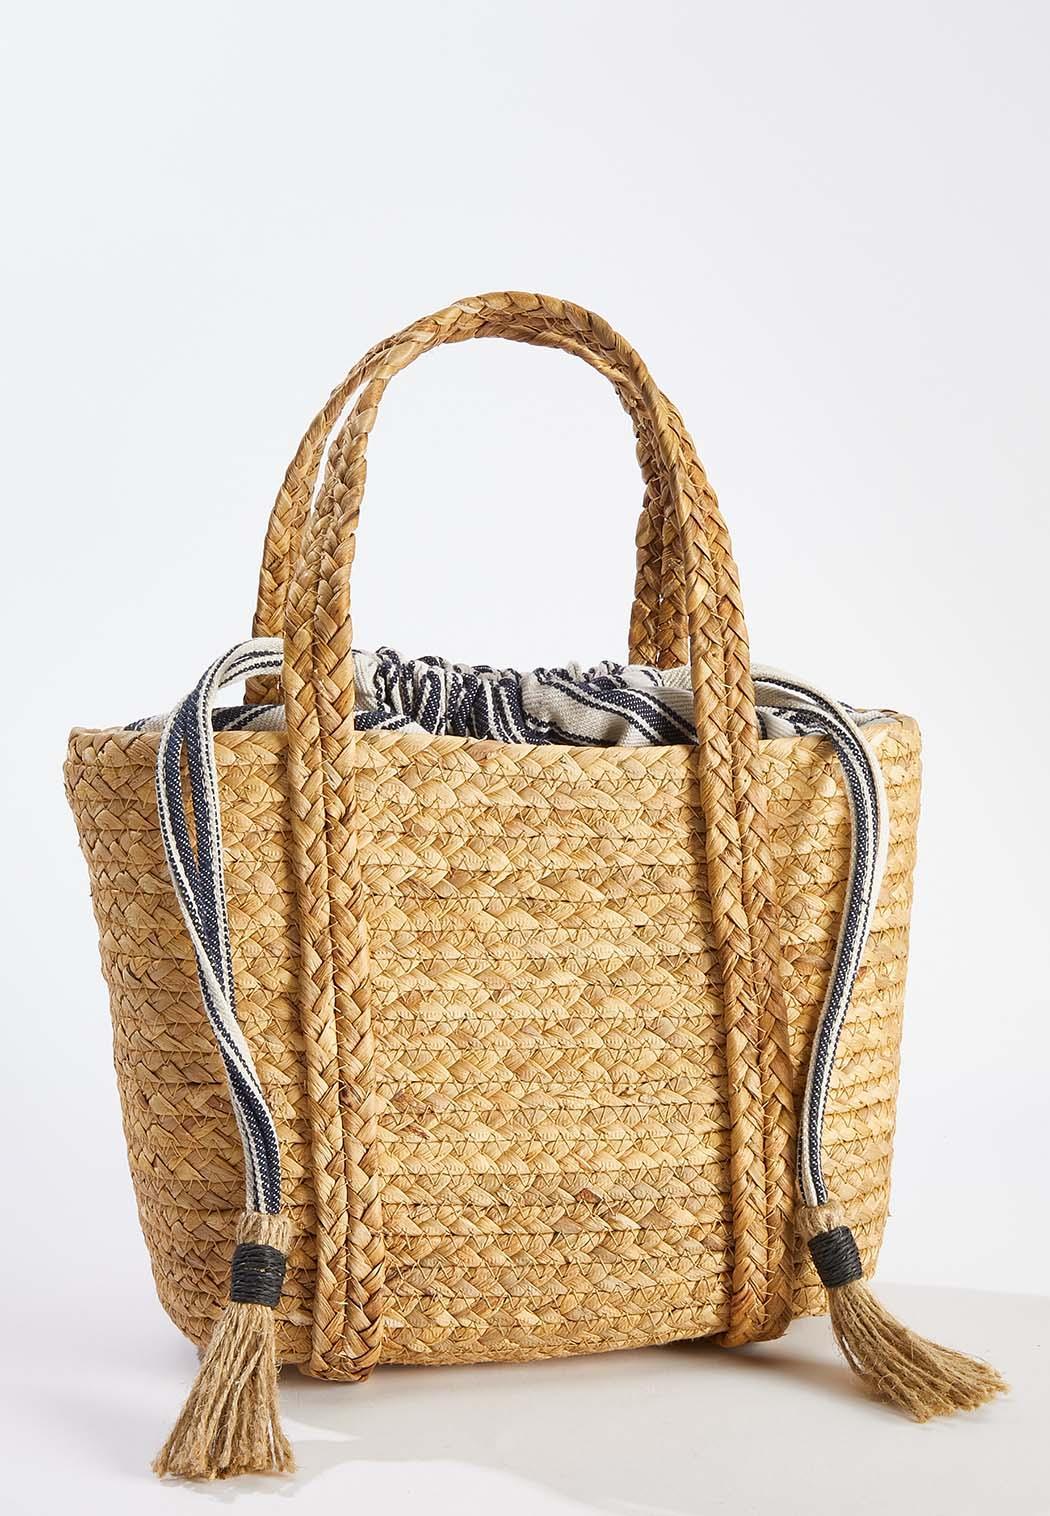 Lined Straw Handbag